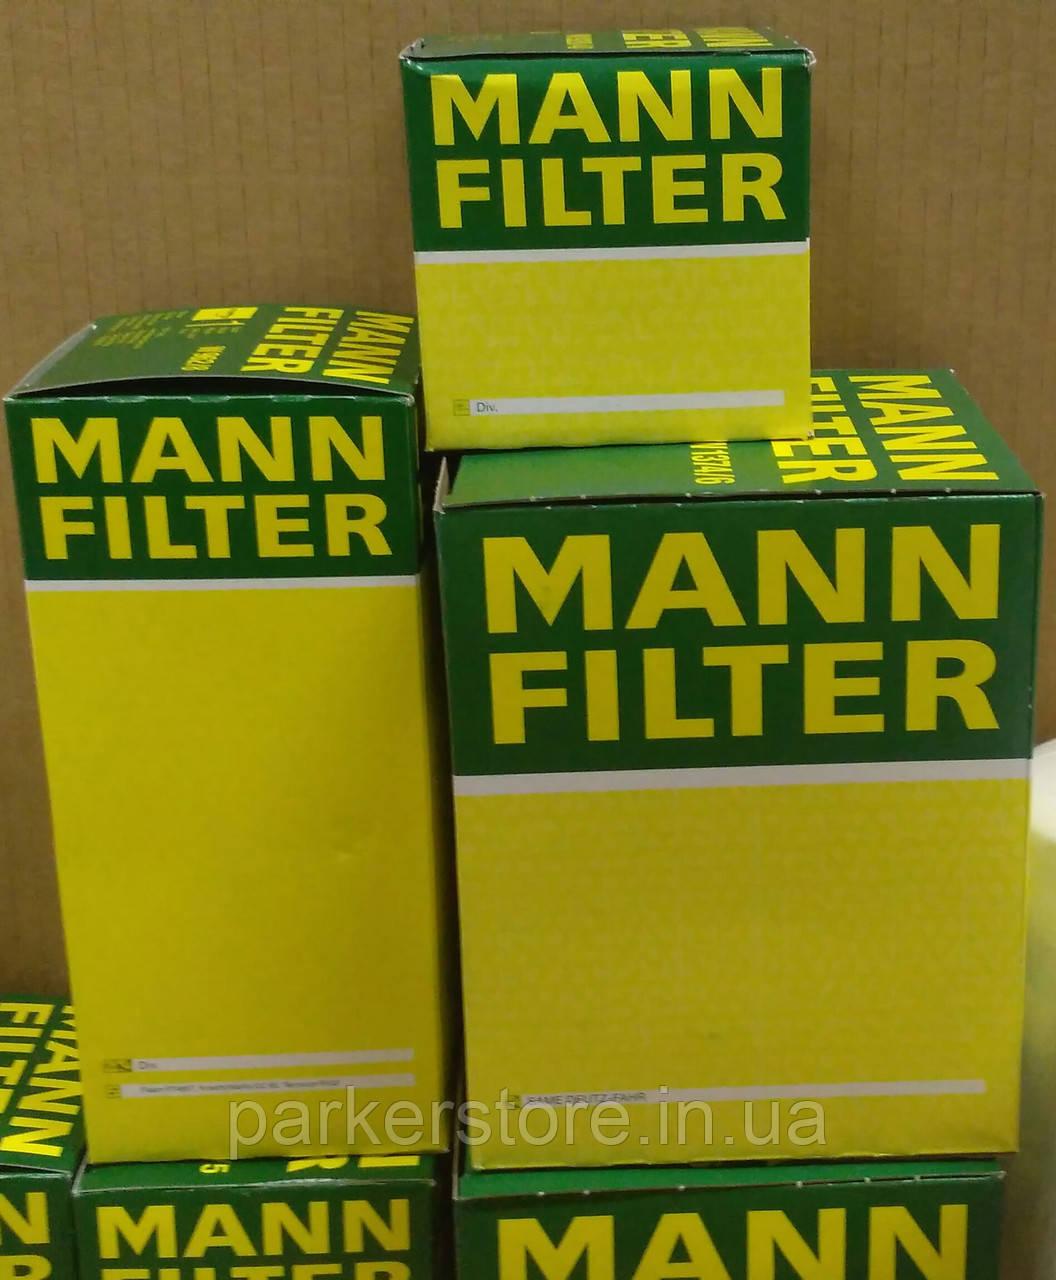 MANN FILTER / Повітряний фільтр / C 24 650/4 / C24650/4